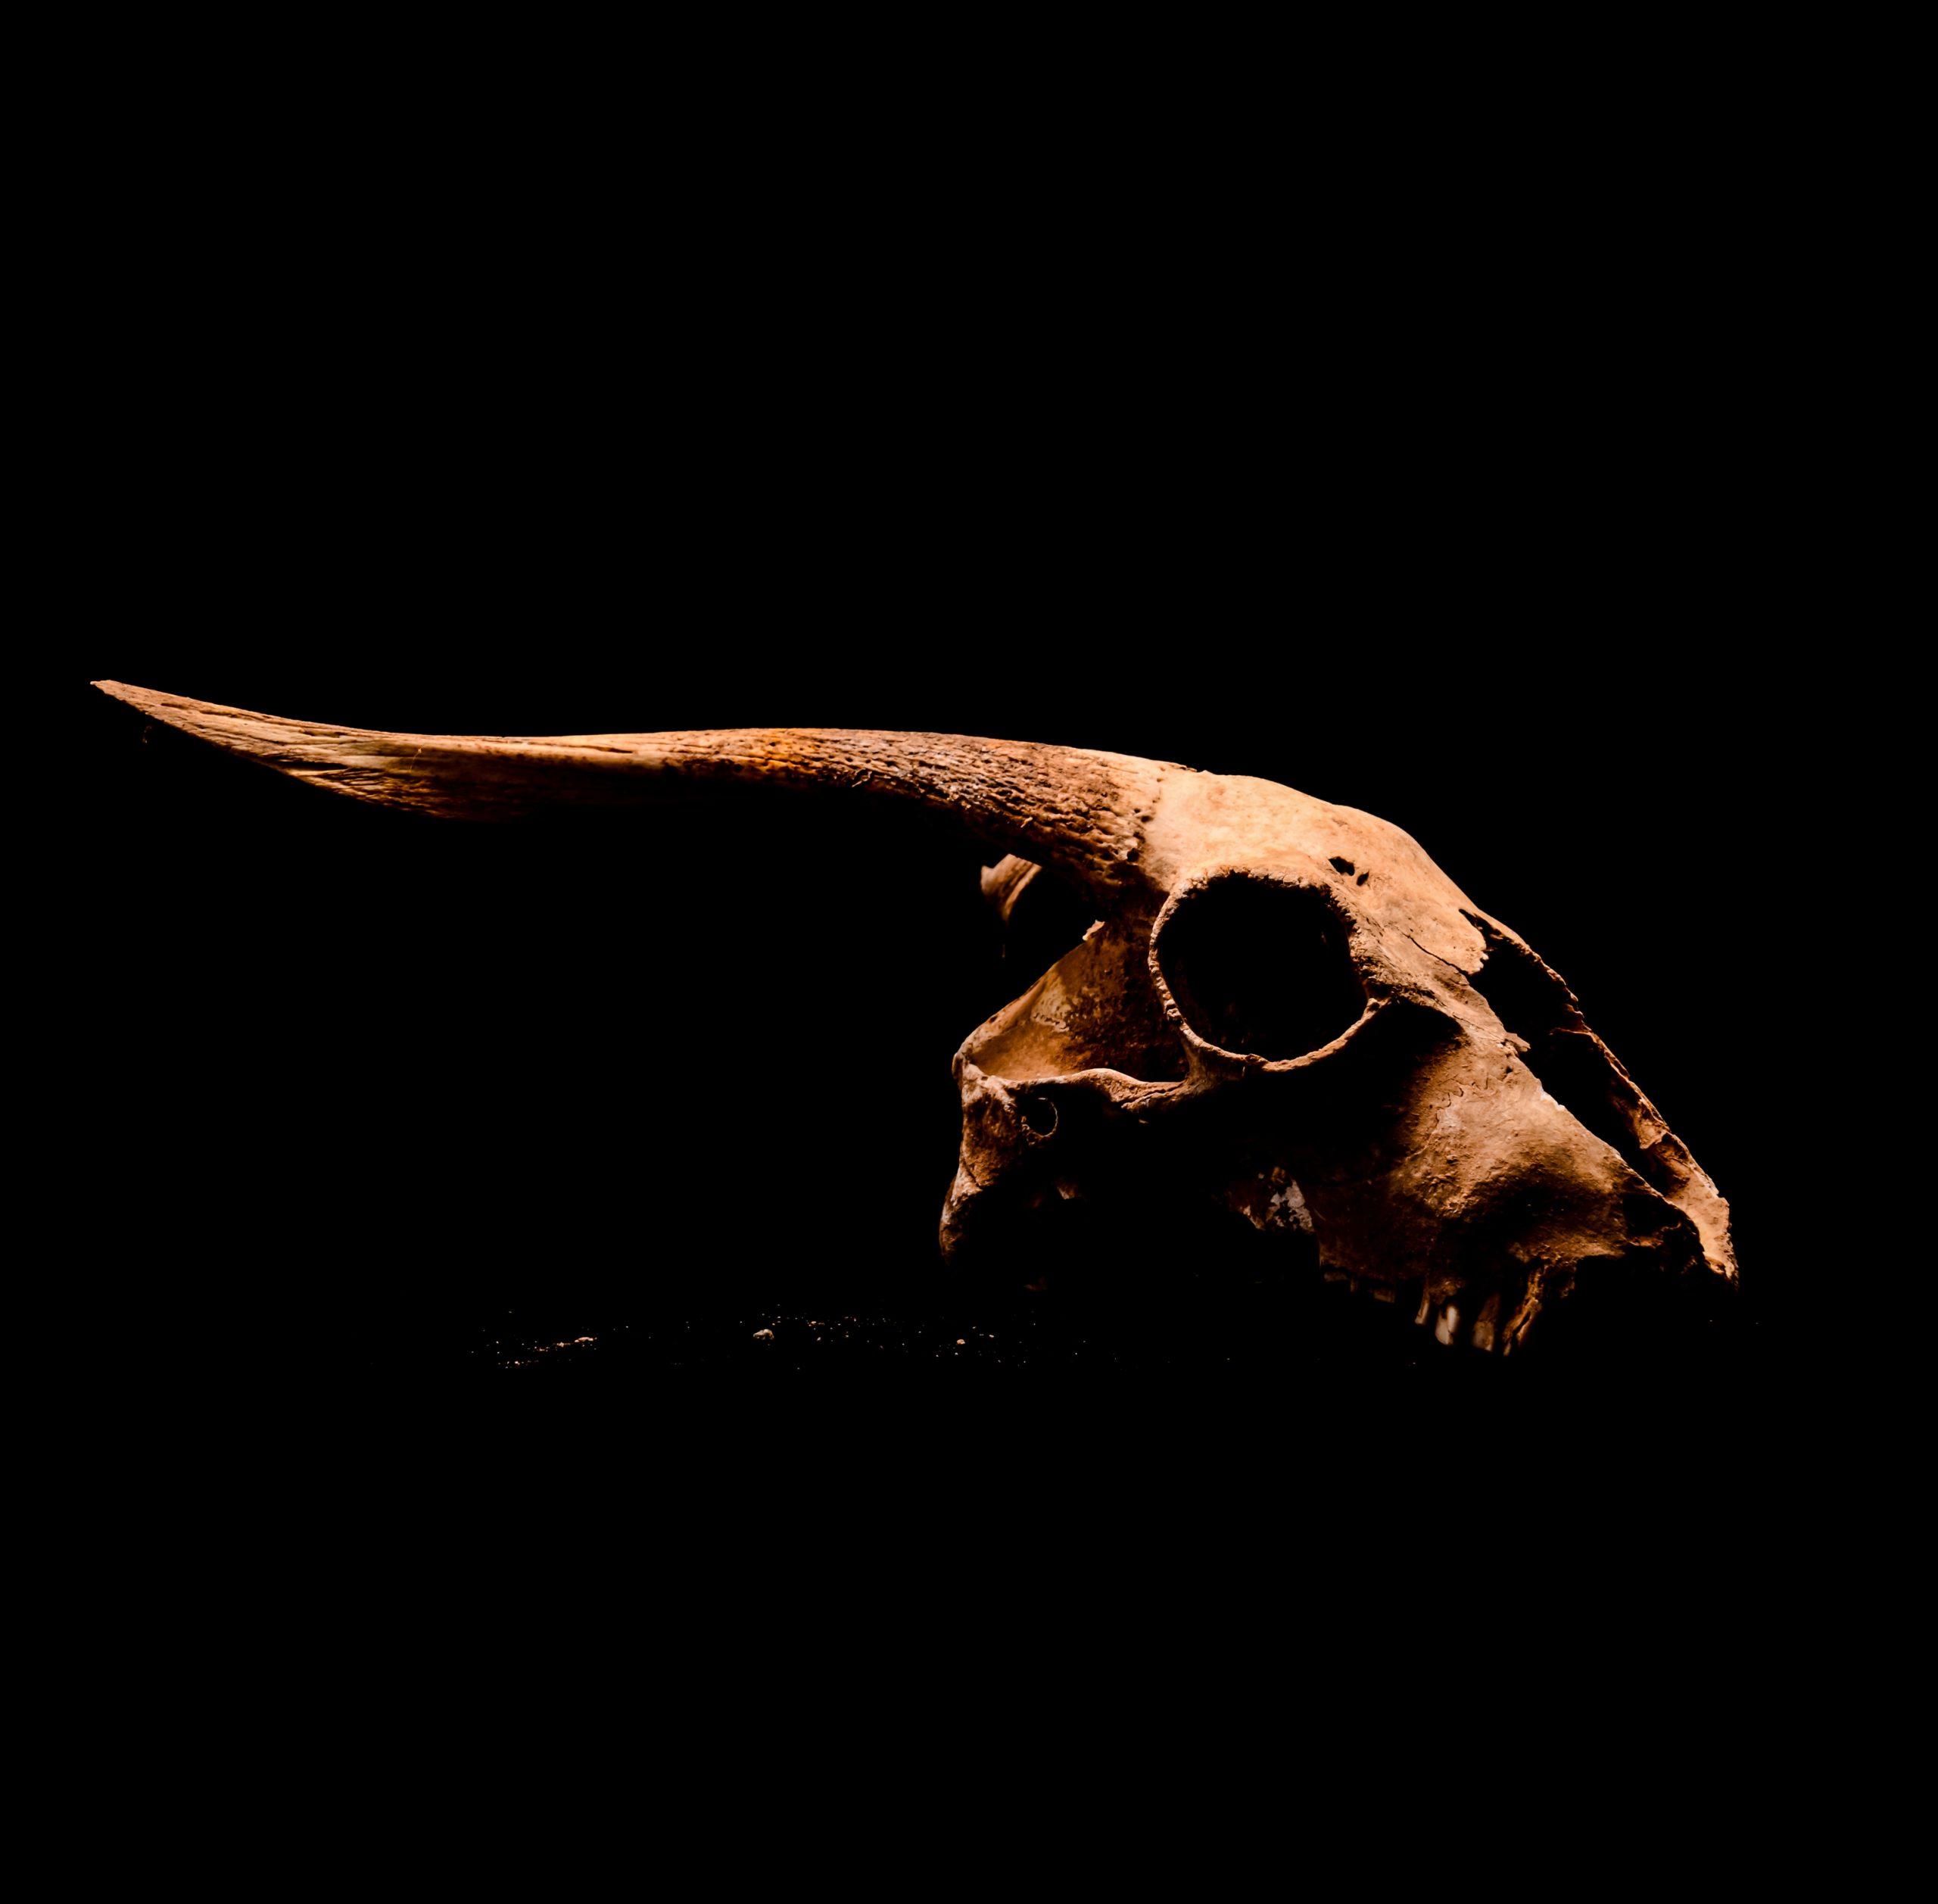 Goat skull on black background.